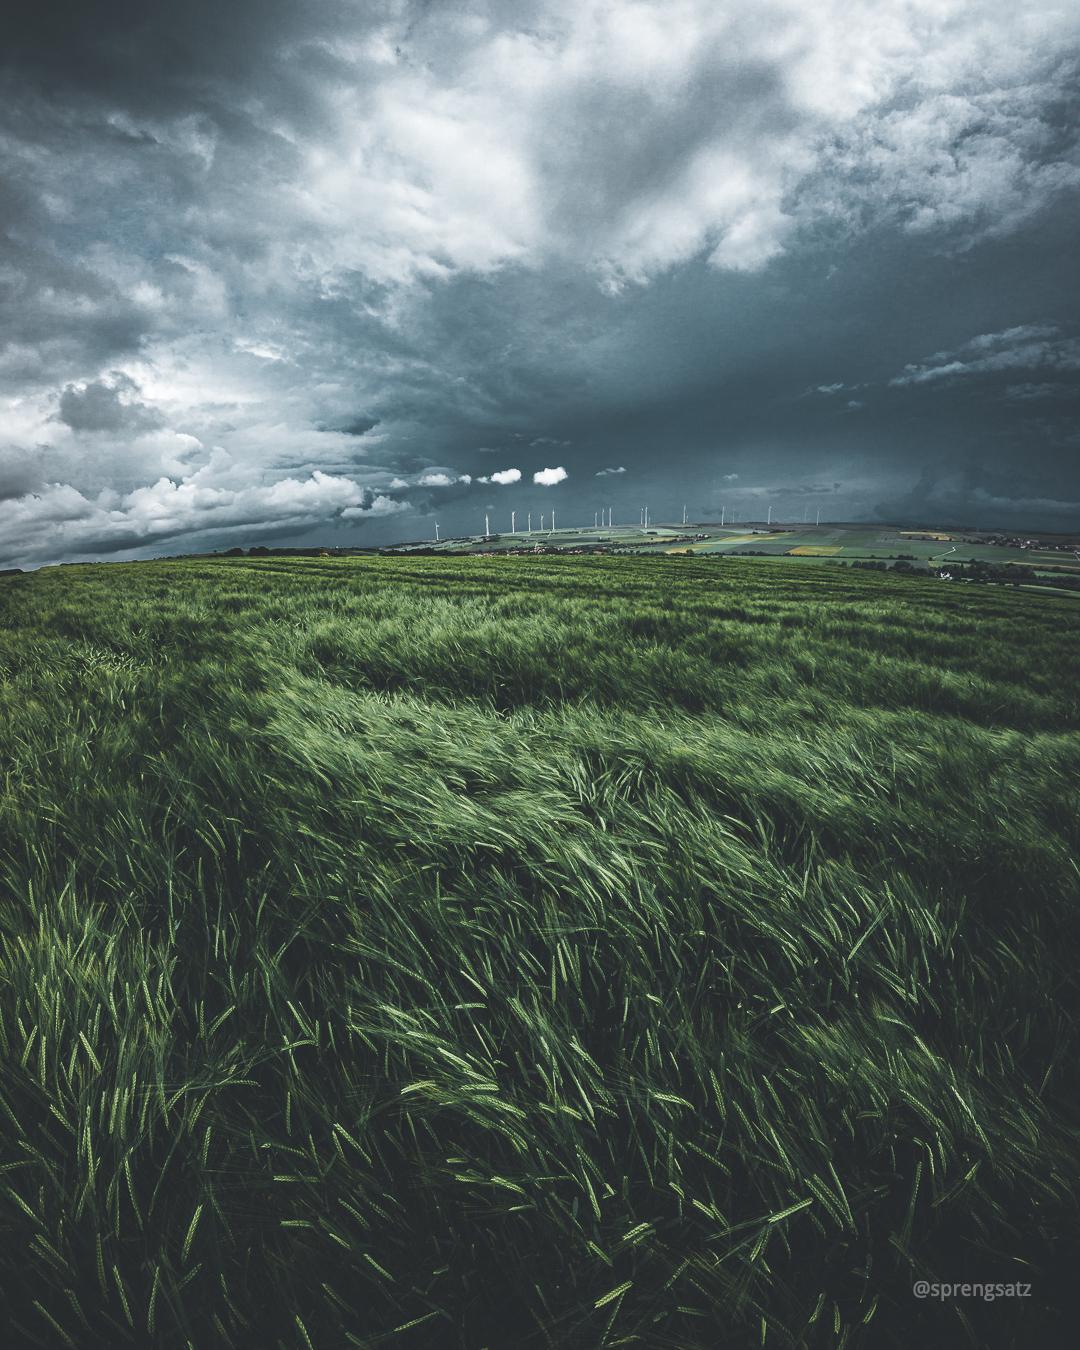 Grünes Gerstenfeld vor dramatischem Gewitterhimmel zwischen Einselthum und Stetten